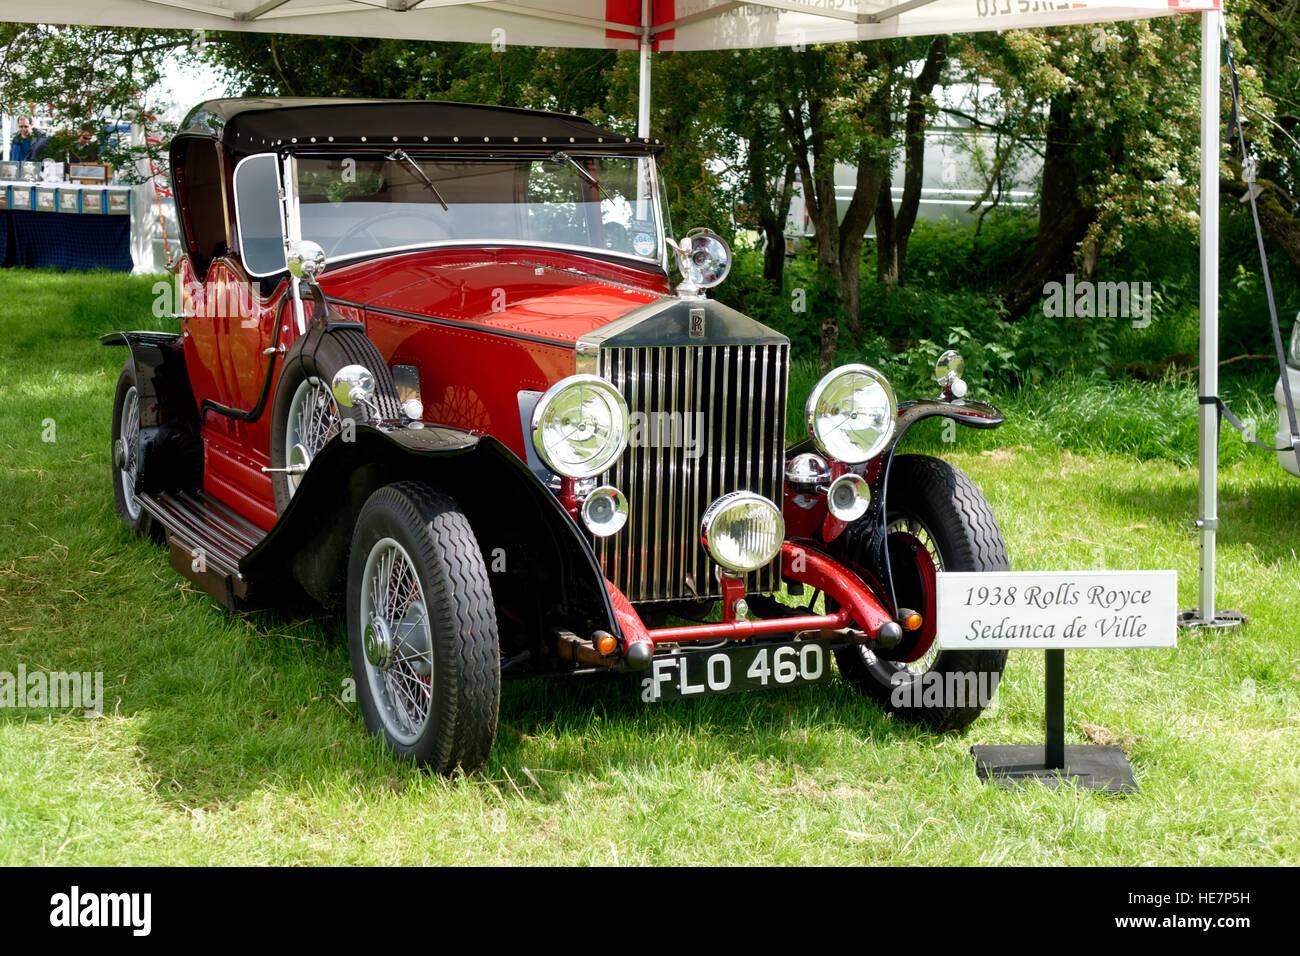 1938 Une Rolls Royce Sedanca de ville en 2014, spectacle Nostalgie Stockton Wiltshire, Royaume-Uni. Photo Stock